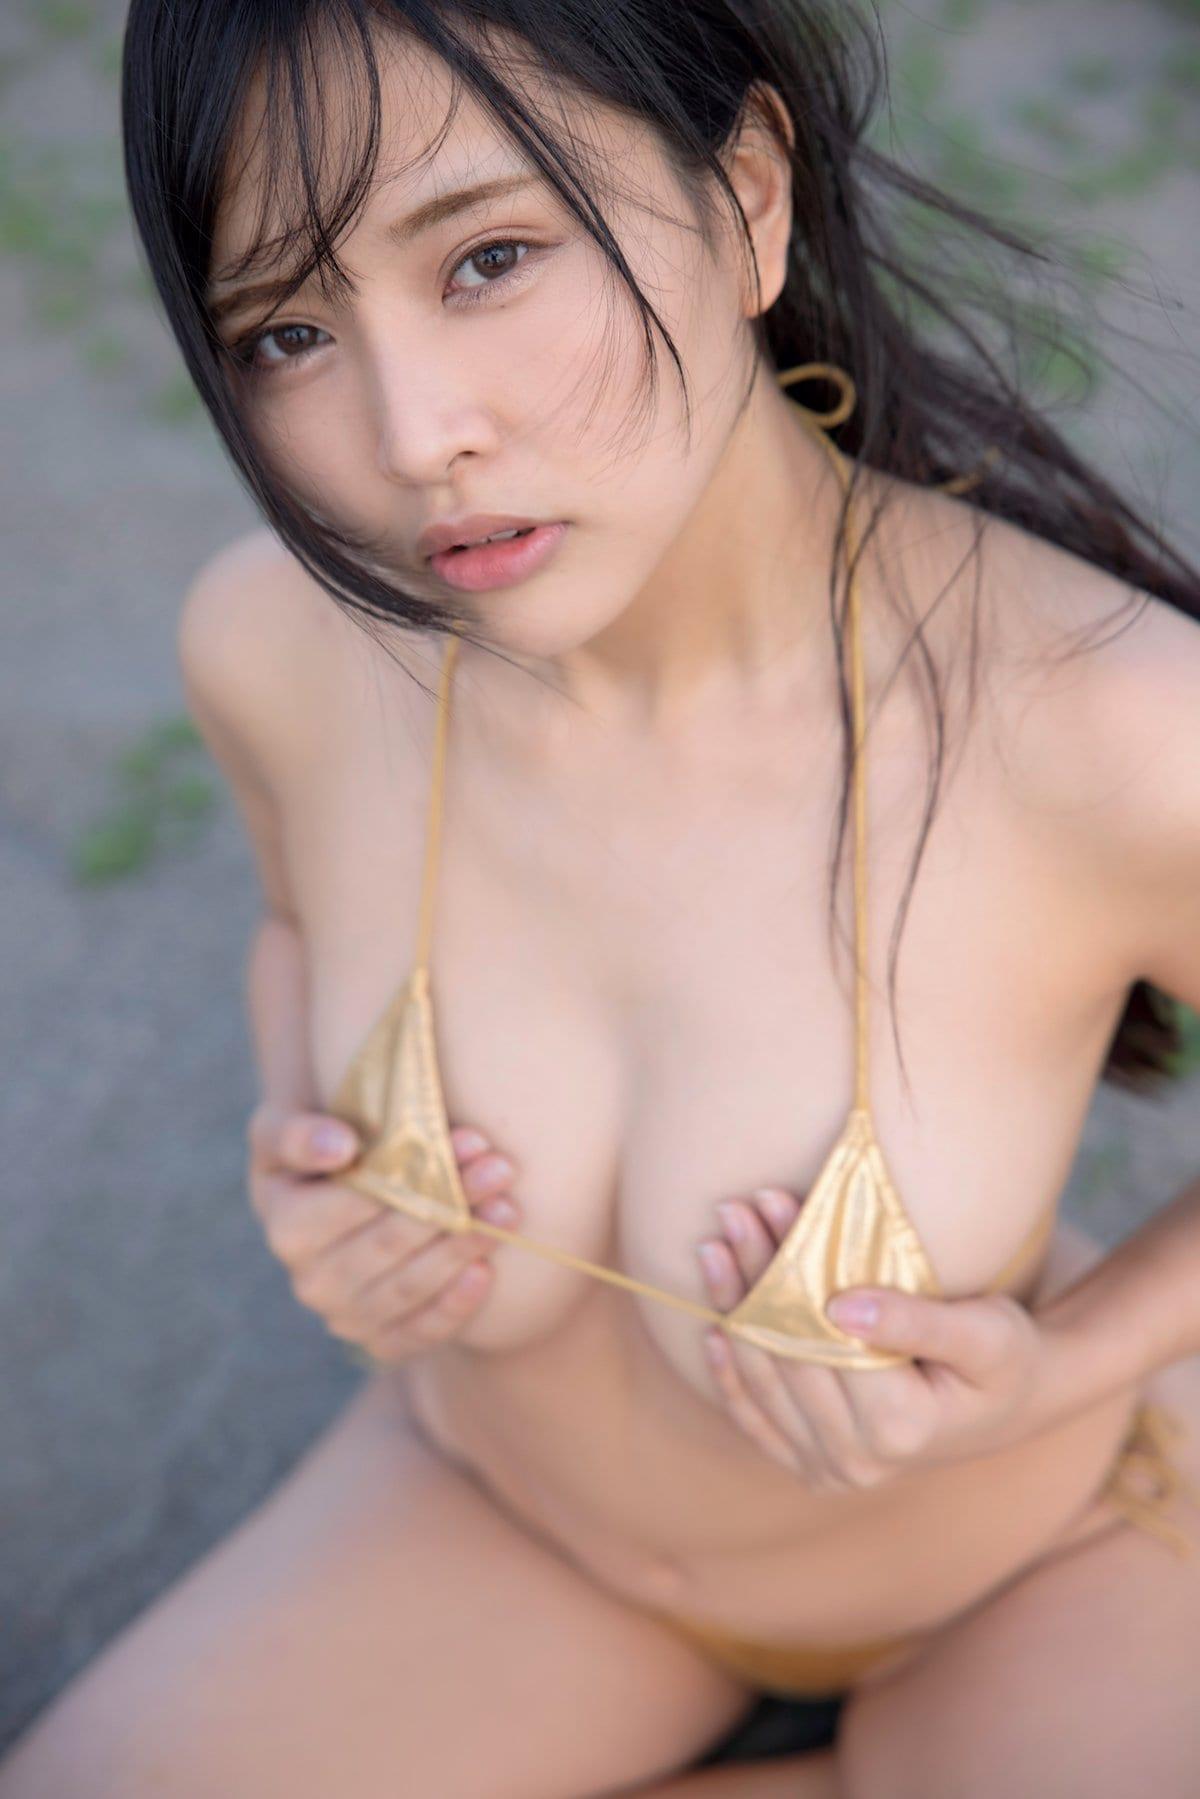 橋本ひかり「ヒモはいらないの」手ブラで露出度の限界に挑戦【画像9枚】の画像004